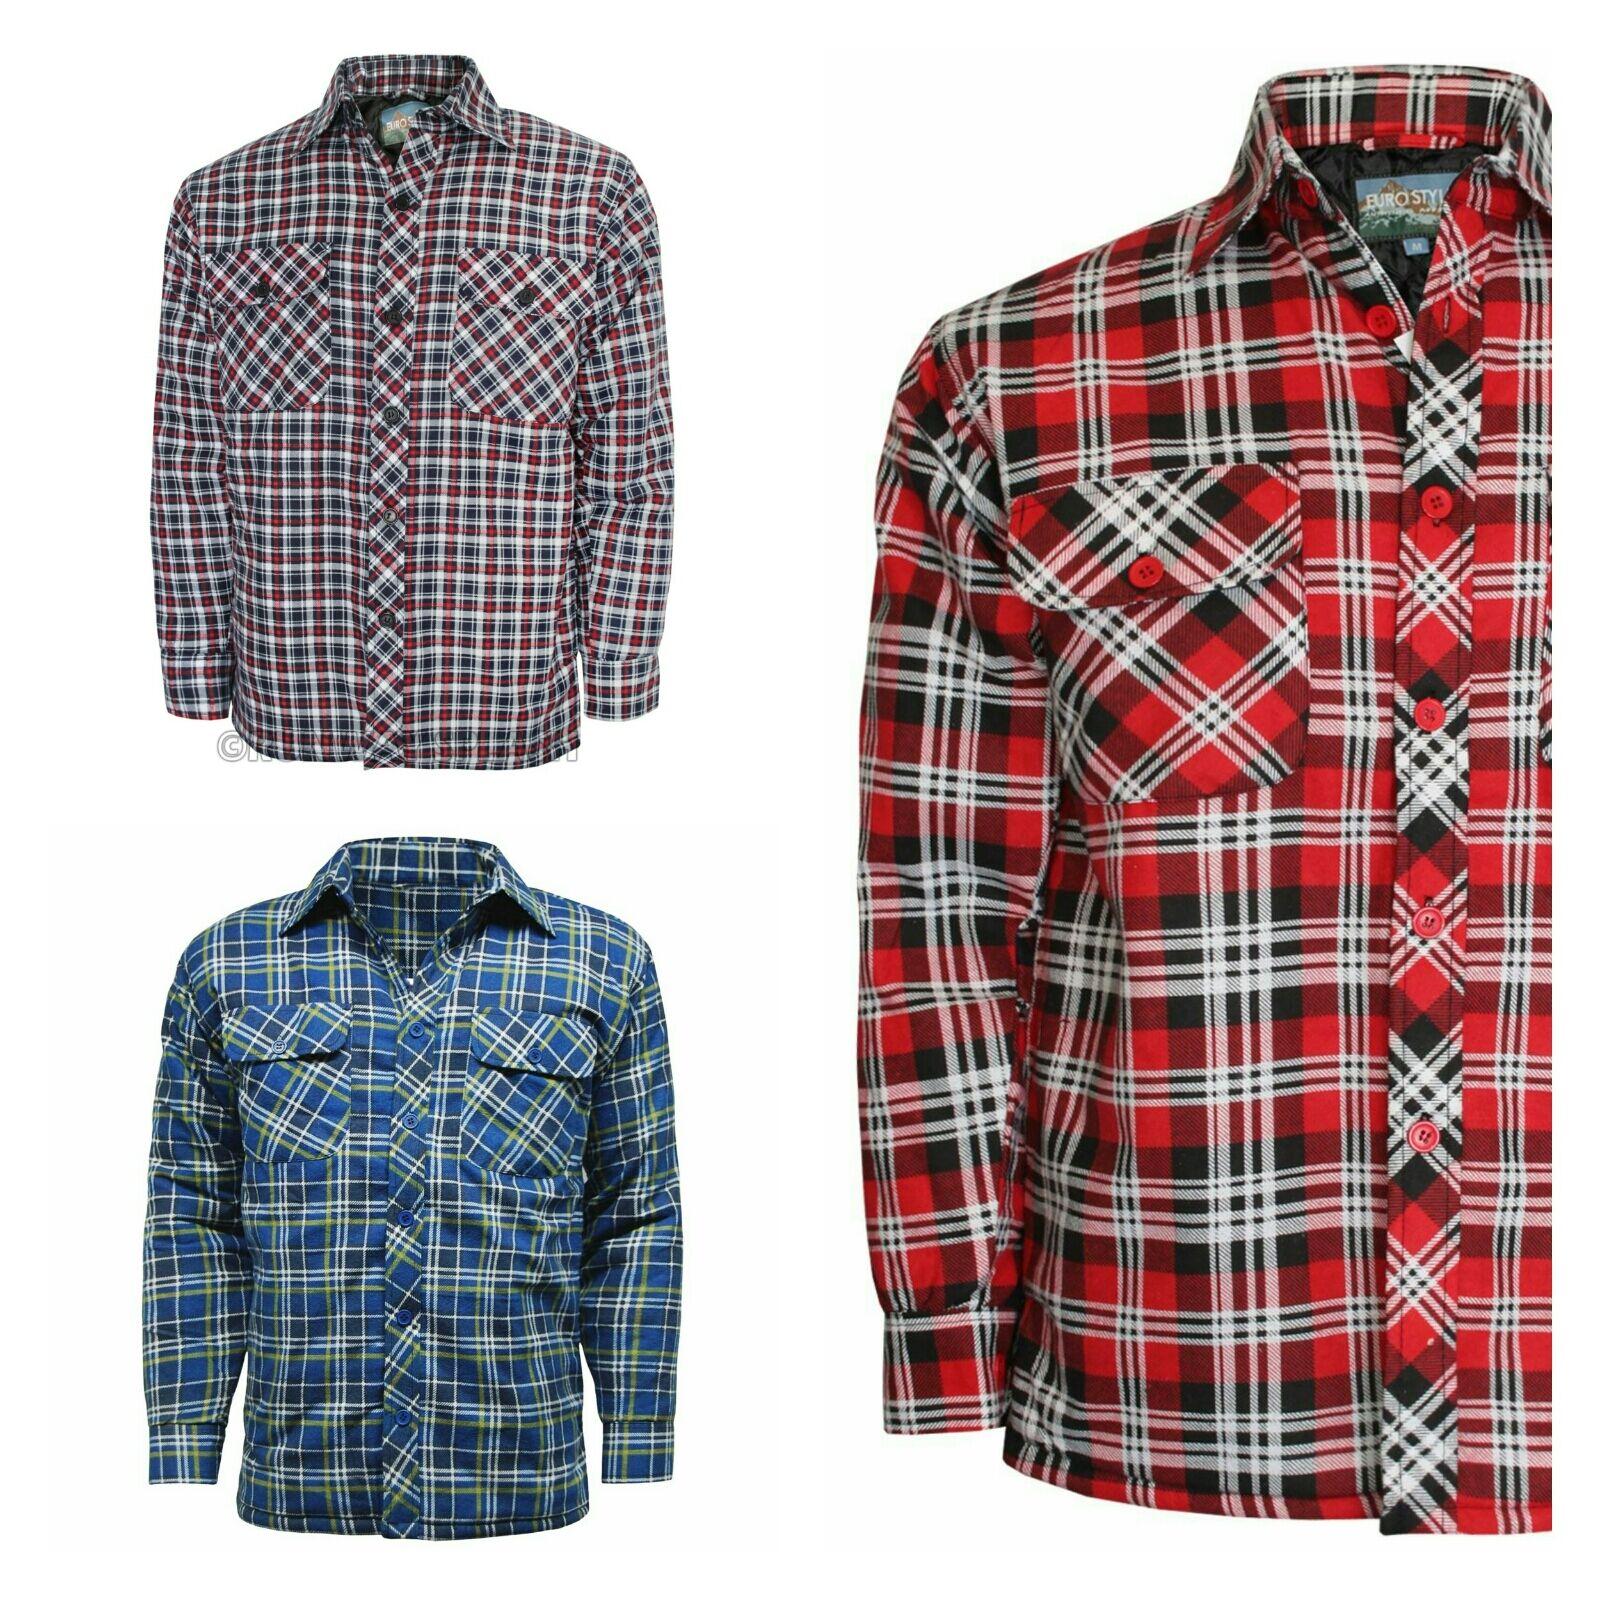 Herren Lumber Jack Outdoor gestepptes, gepolstertes, kariertes Hemdjacke, Top Size Chest Pock